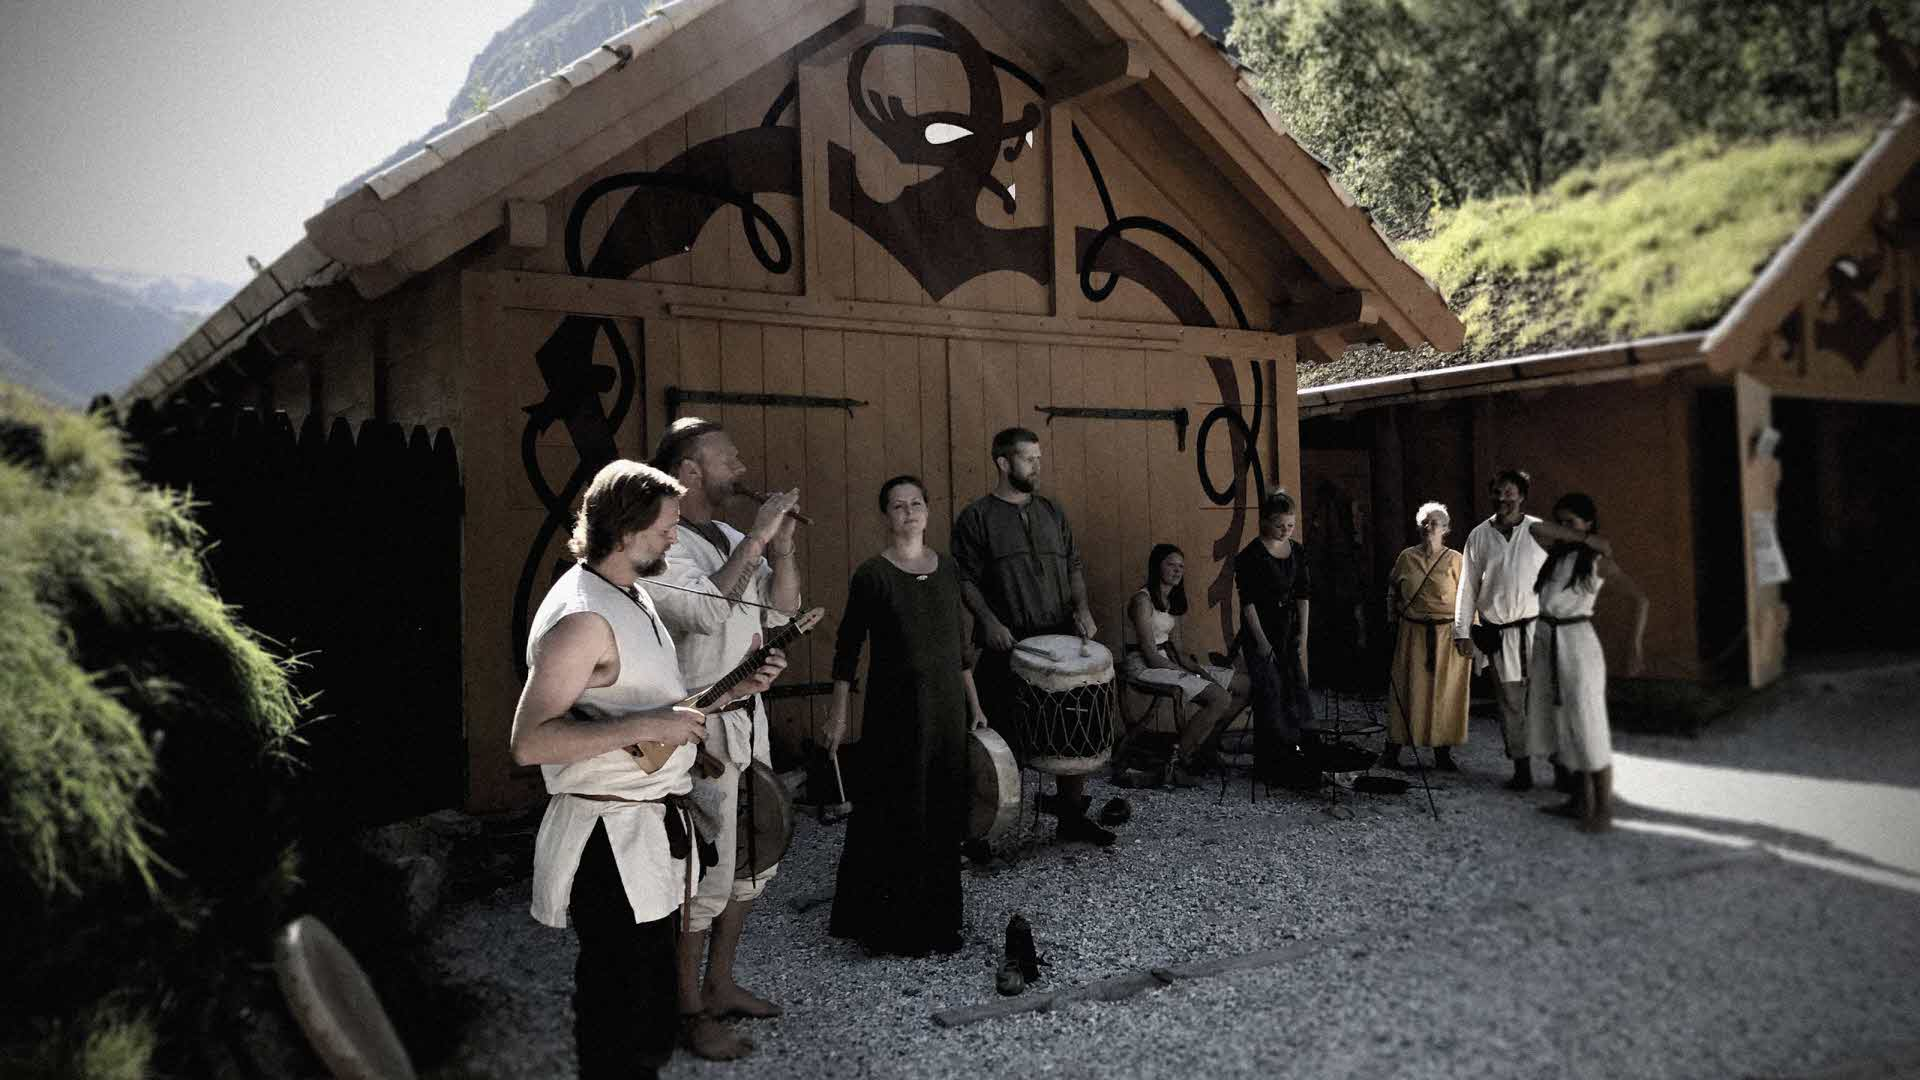 Vikinger i tidsriktige klær spiller og synger ved inngangen til Vikingbyen fremfor autentiske bygninger